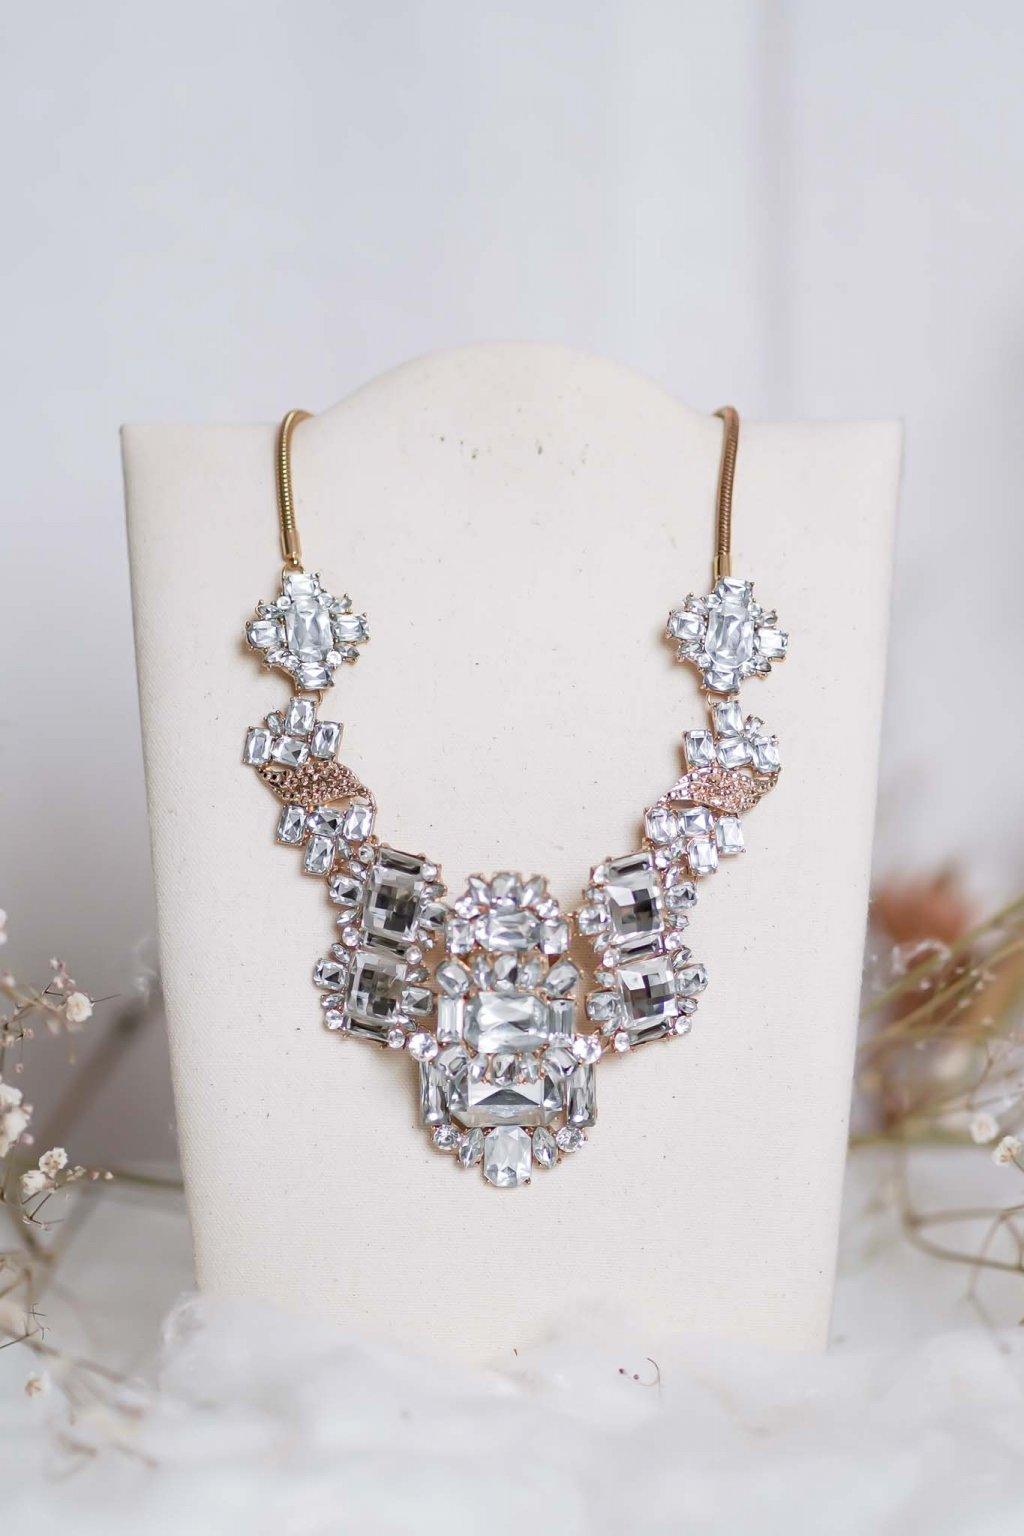 náhrdelník, spoločenský, bežný deň, kamienkový, farebný, čierny, strieborný, zelený, cyklamenévy, náhrdelník, bižuteria, šperk, šperky, ples, stužková, svadba, 105